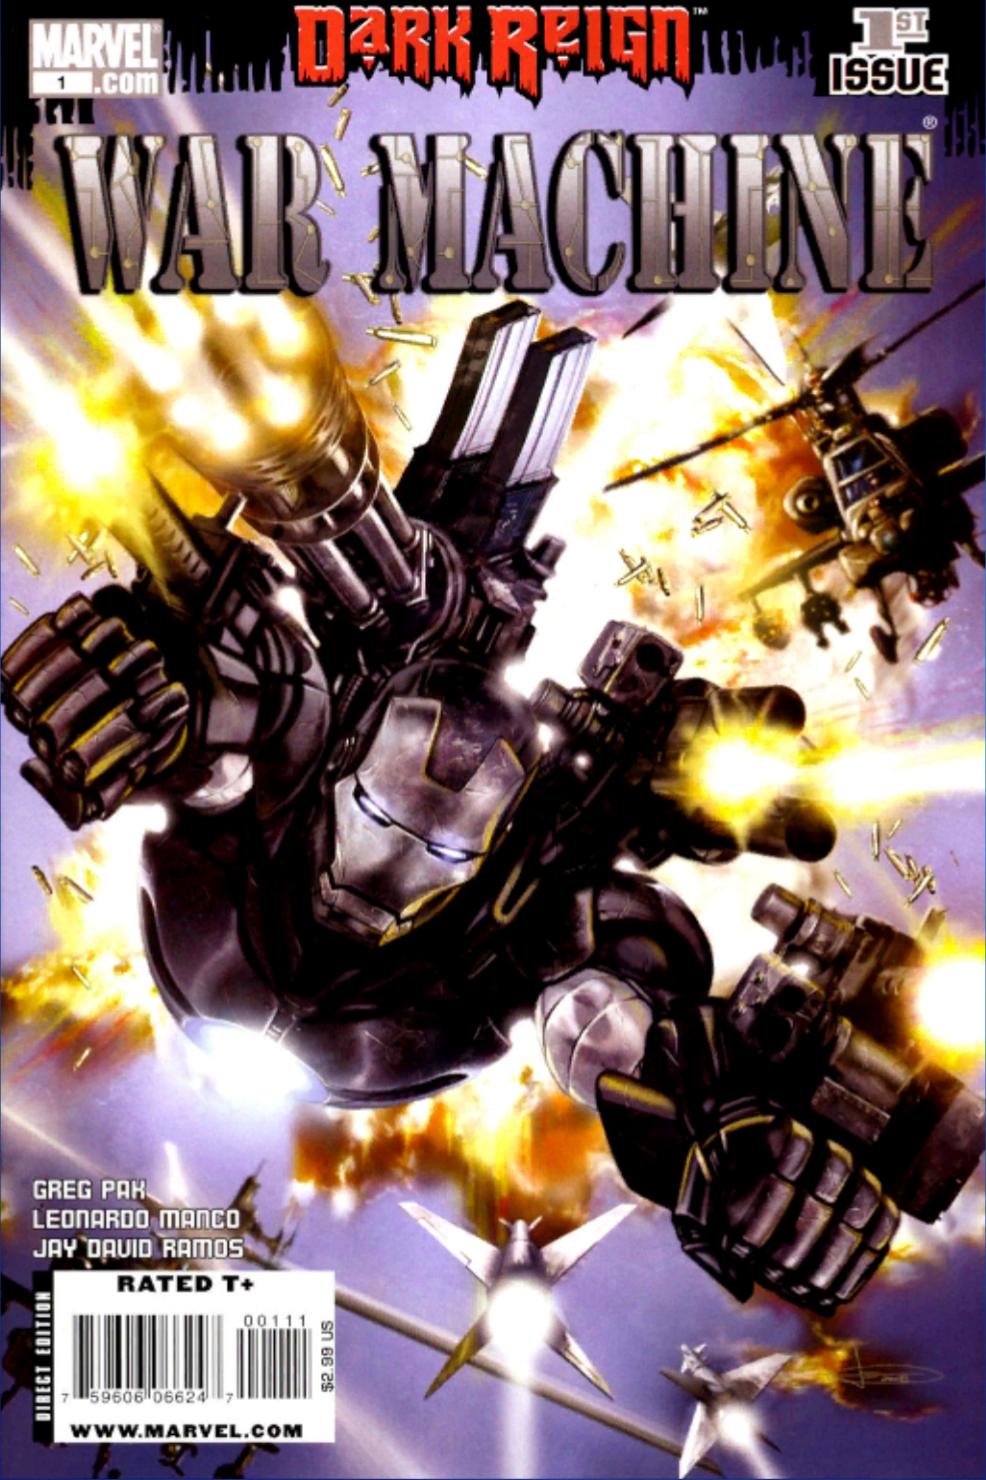 War Machine (James Rhodes)